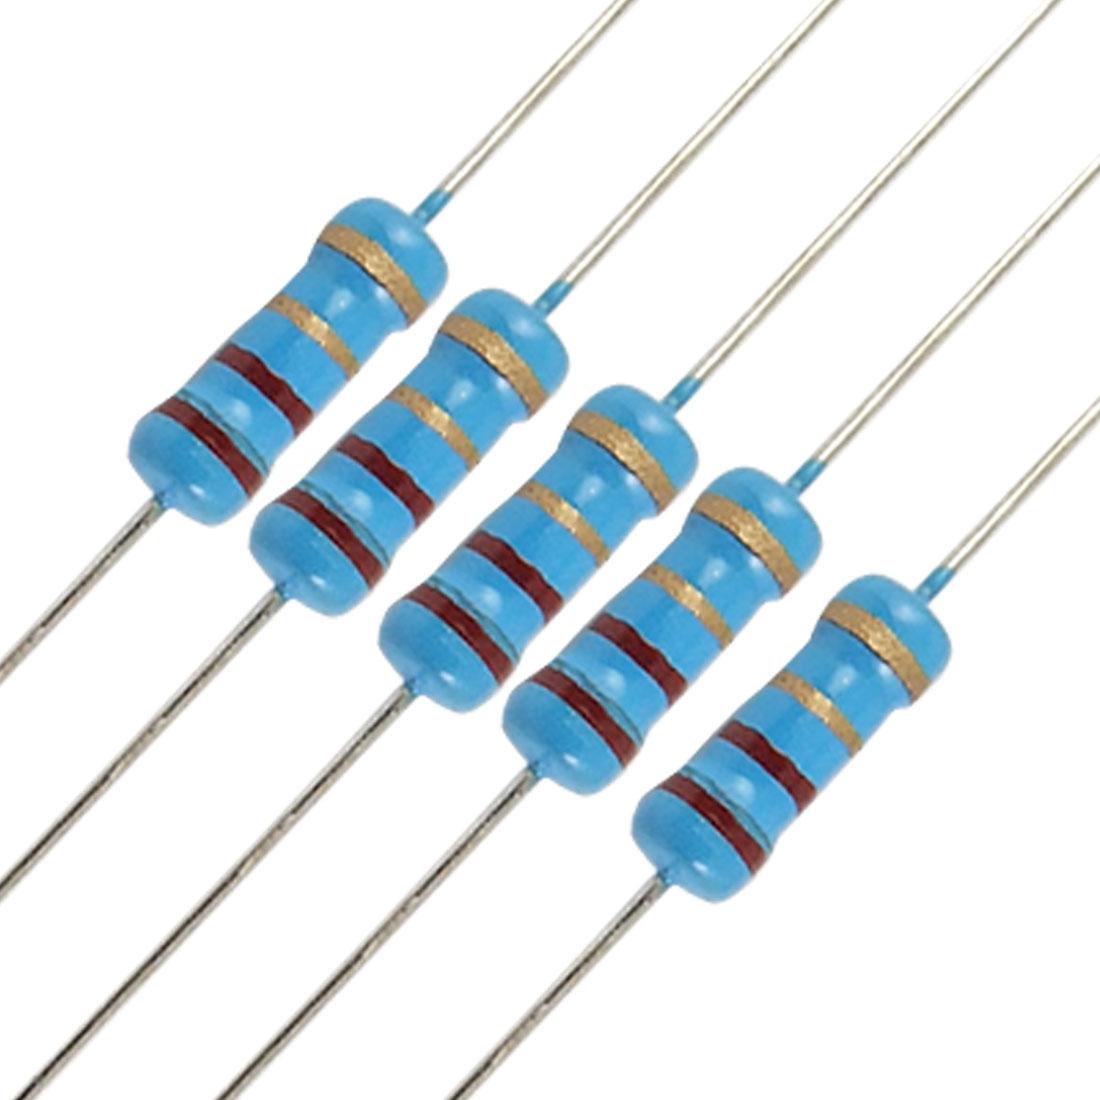 Resistor Diagram Resistor Color Codes